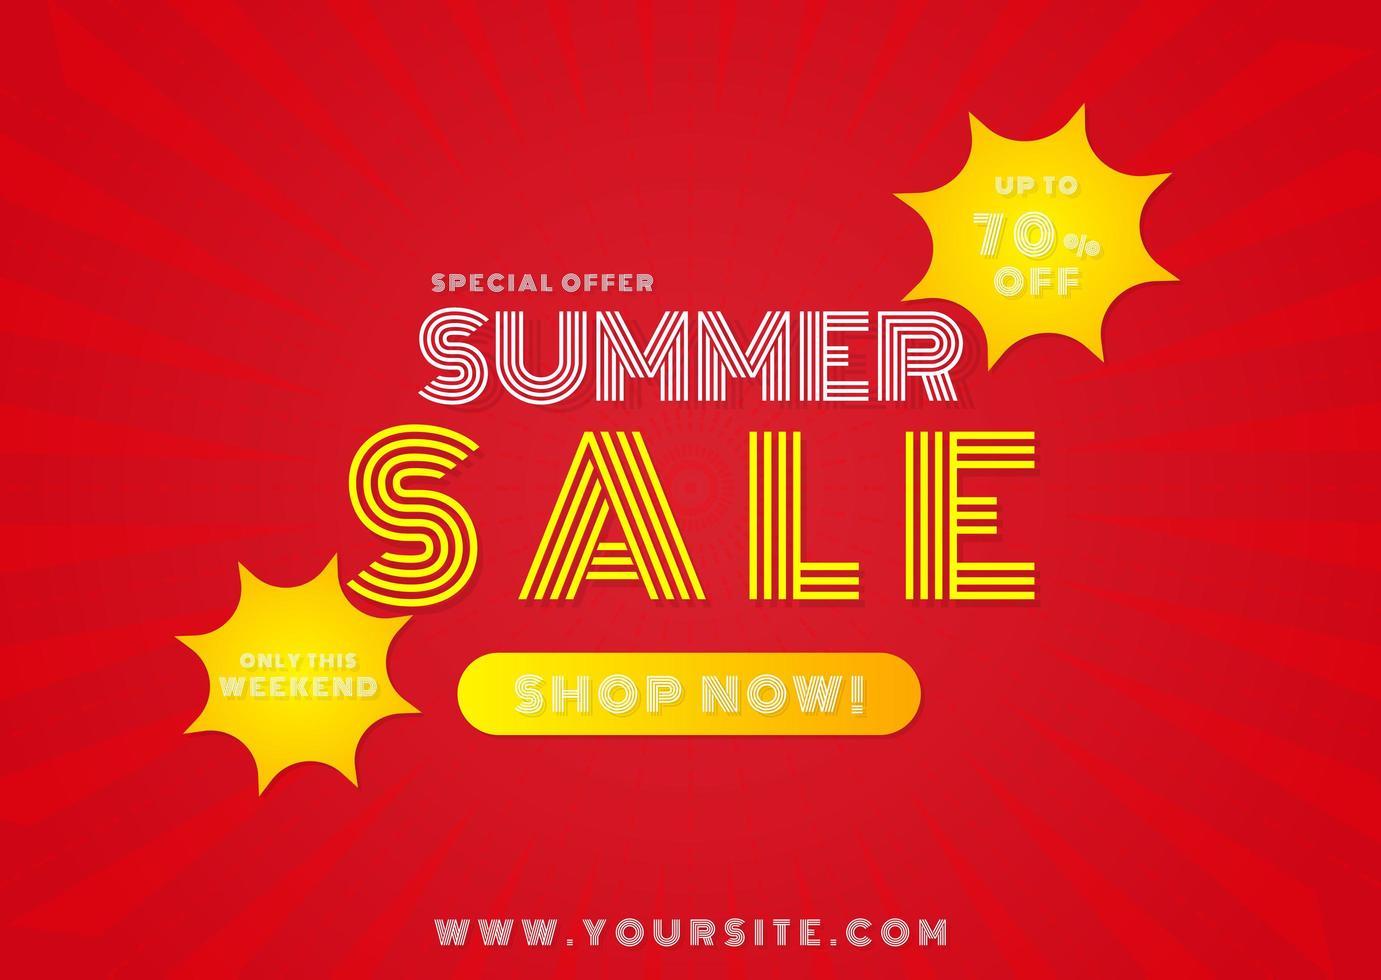 banner di vendita estiva di offerta speciale vettore